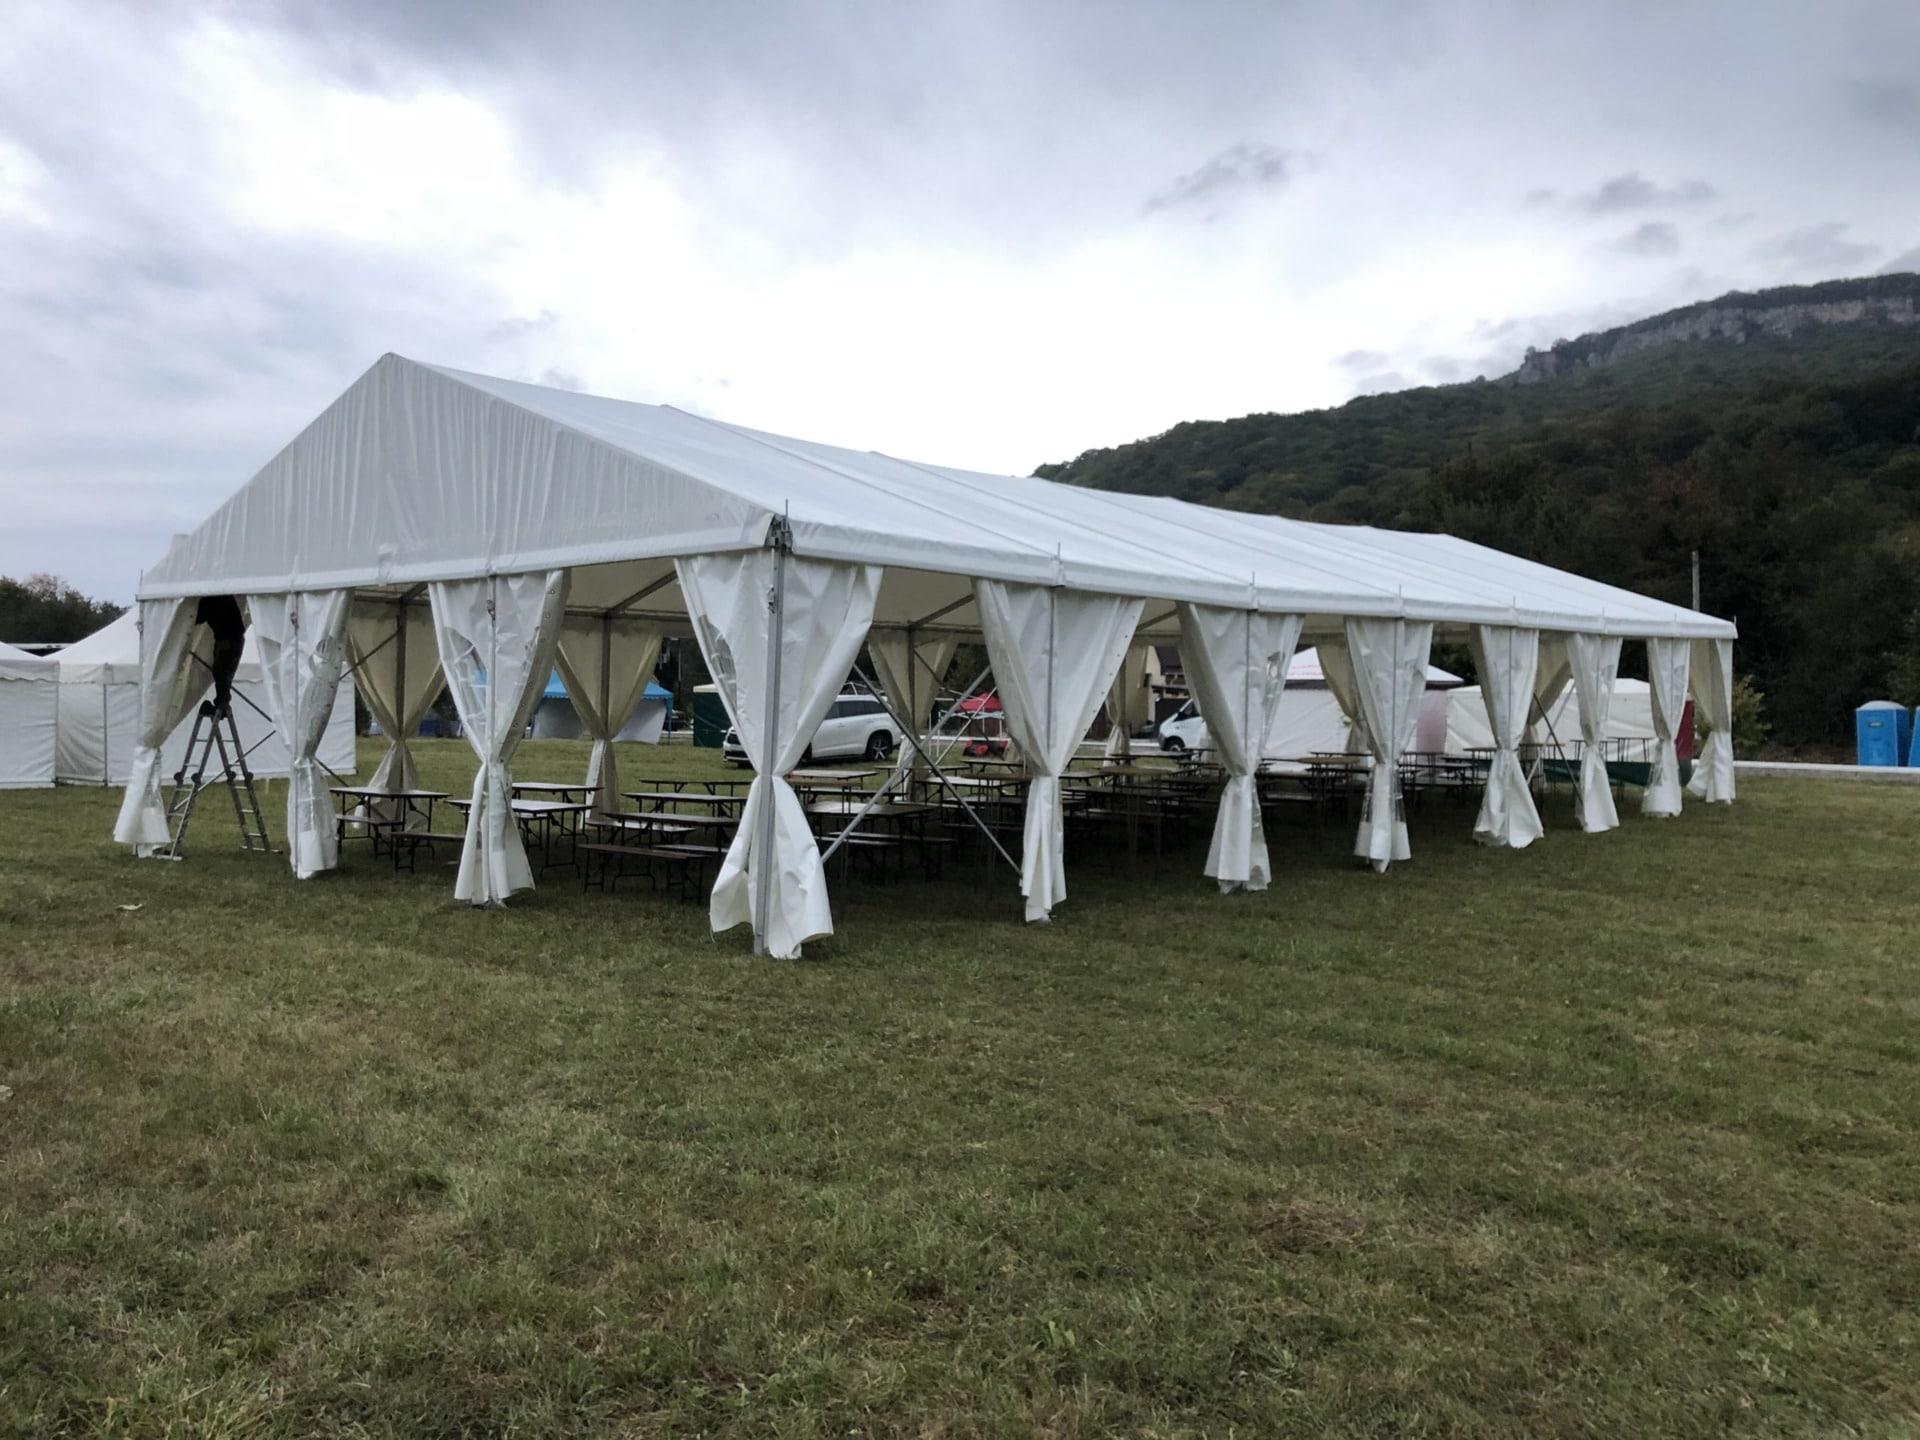 2019 09 20 18 07 50 2 scaled - Аренда шатра для частных мероприятий